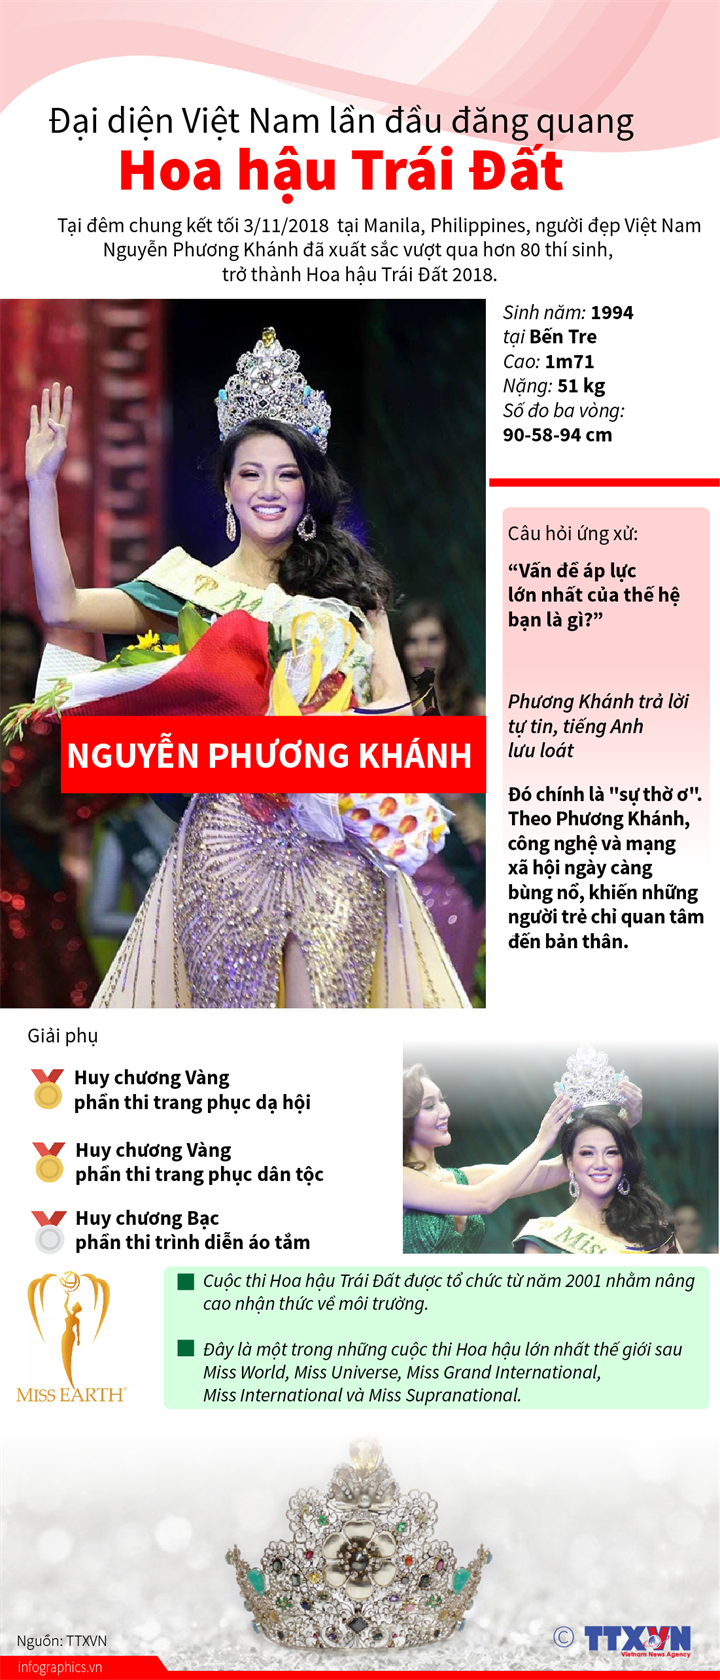 Đại diện Việt Nam lần đầu đăng quang Hoa hậu Trái Đất